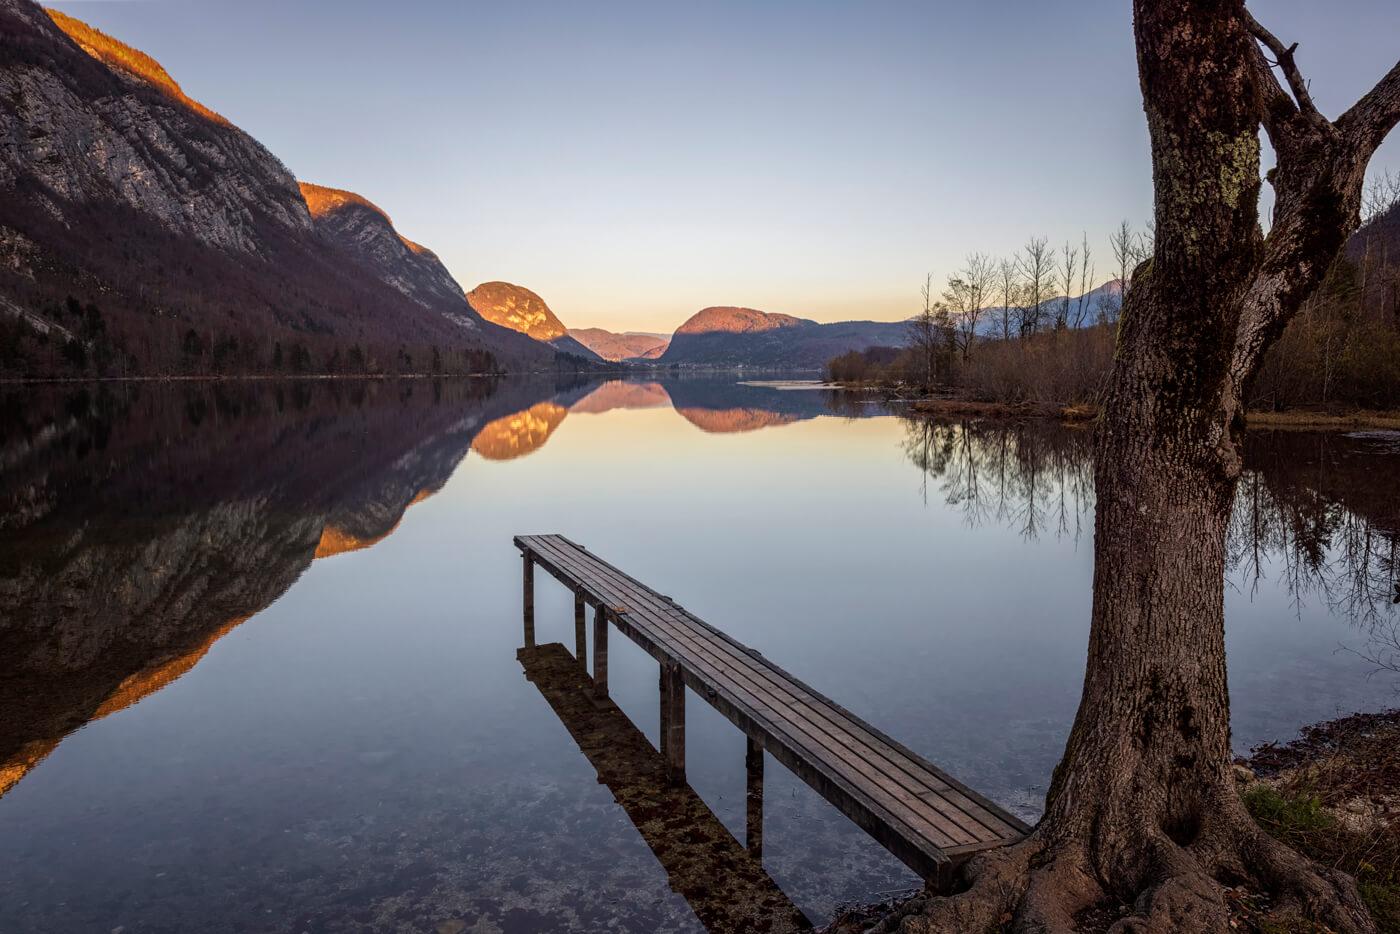 Sunset at Lake Bohinj, Slovenia